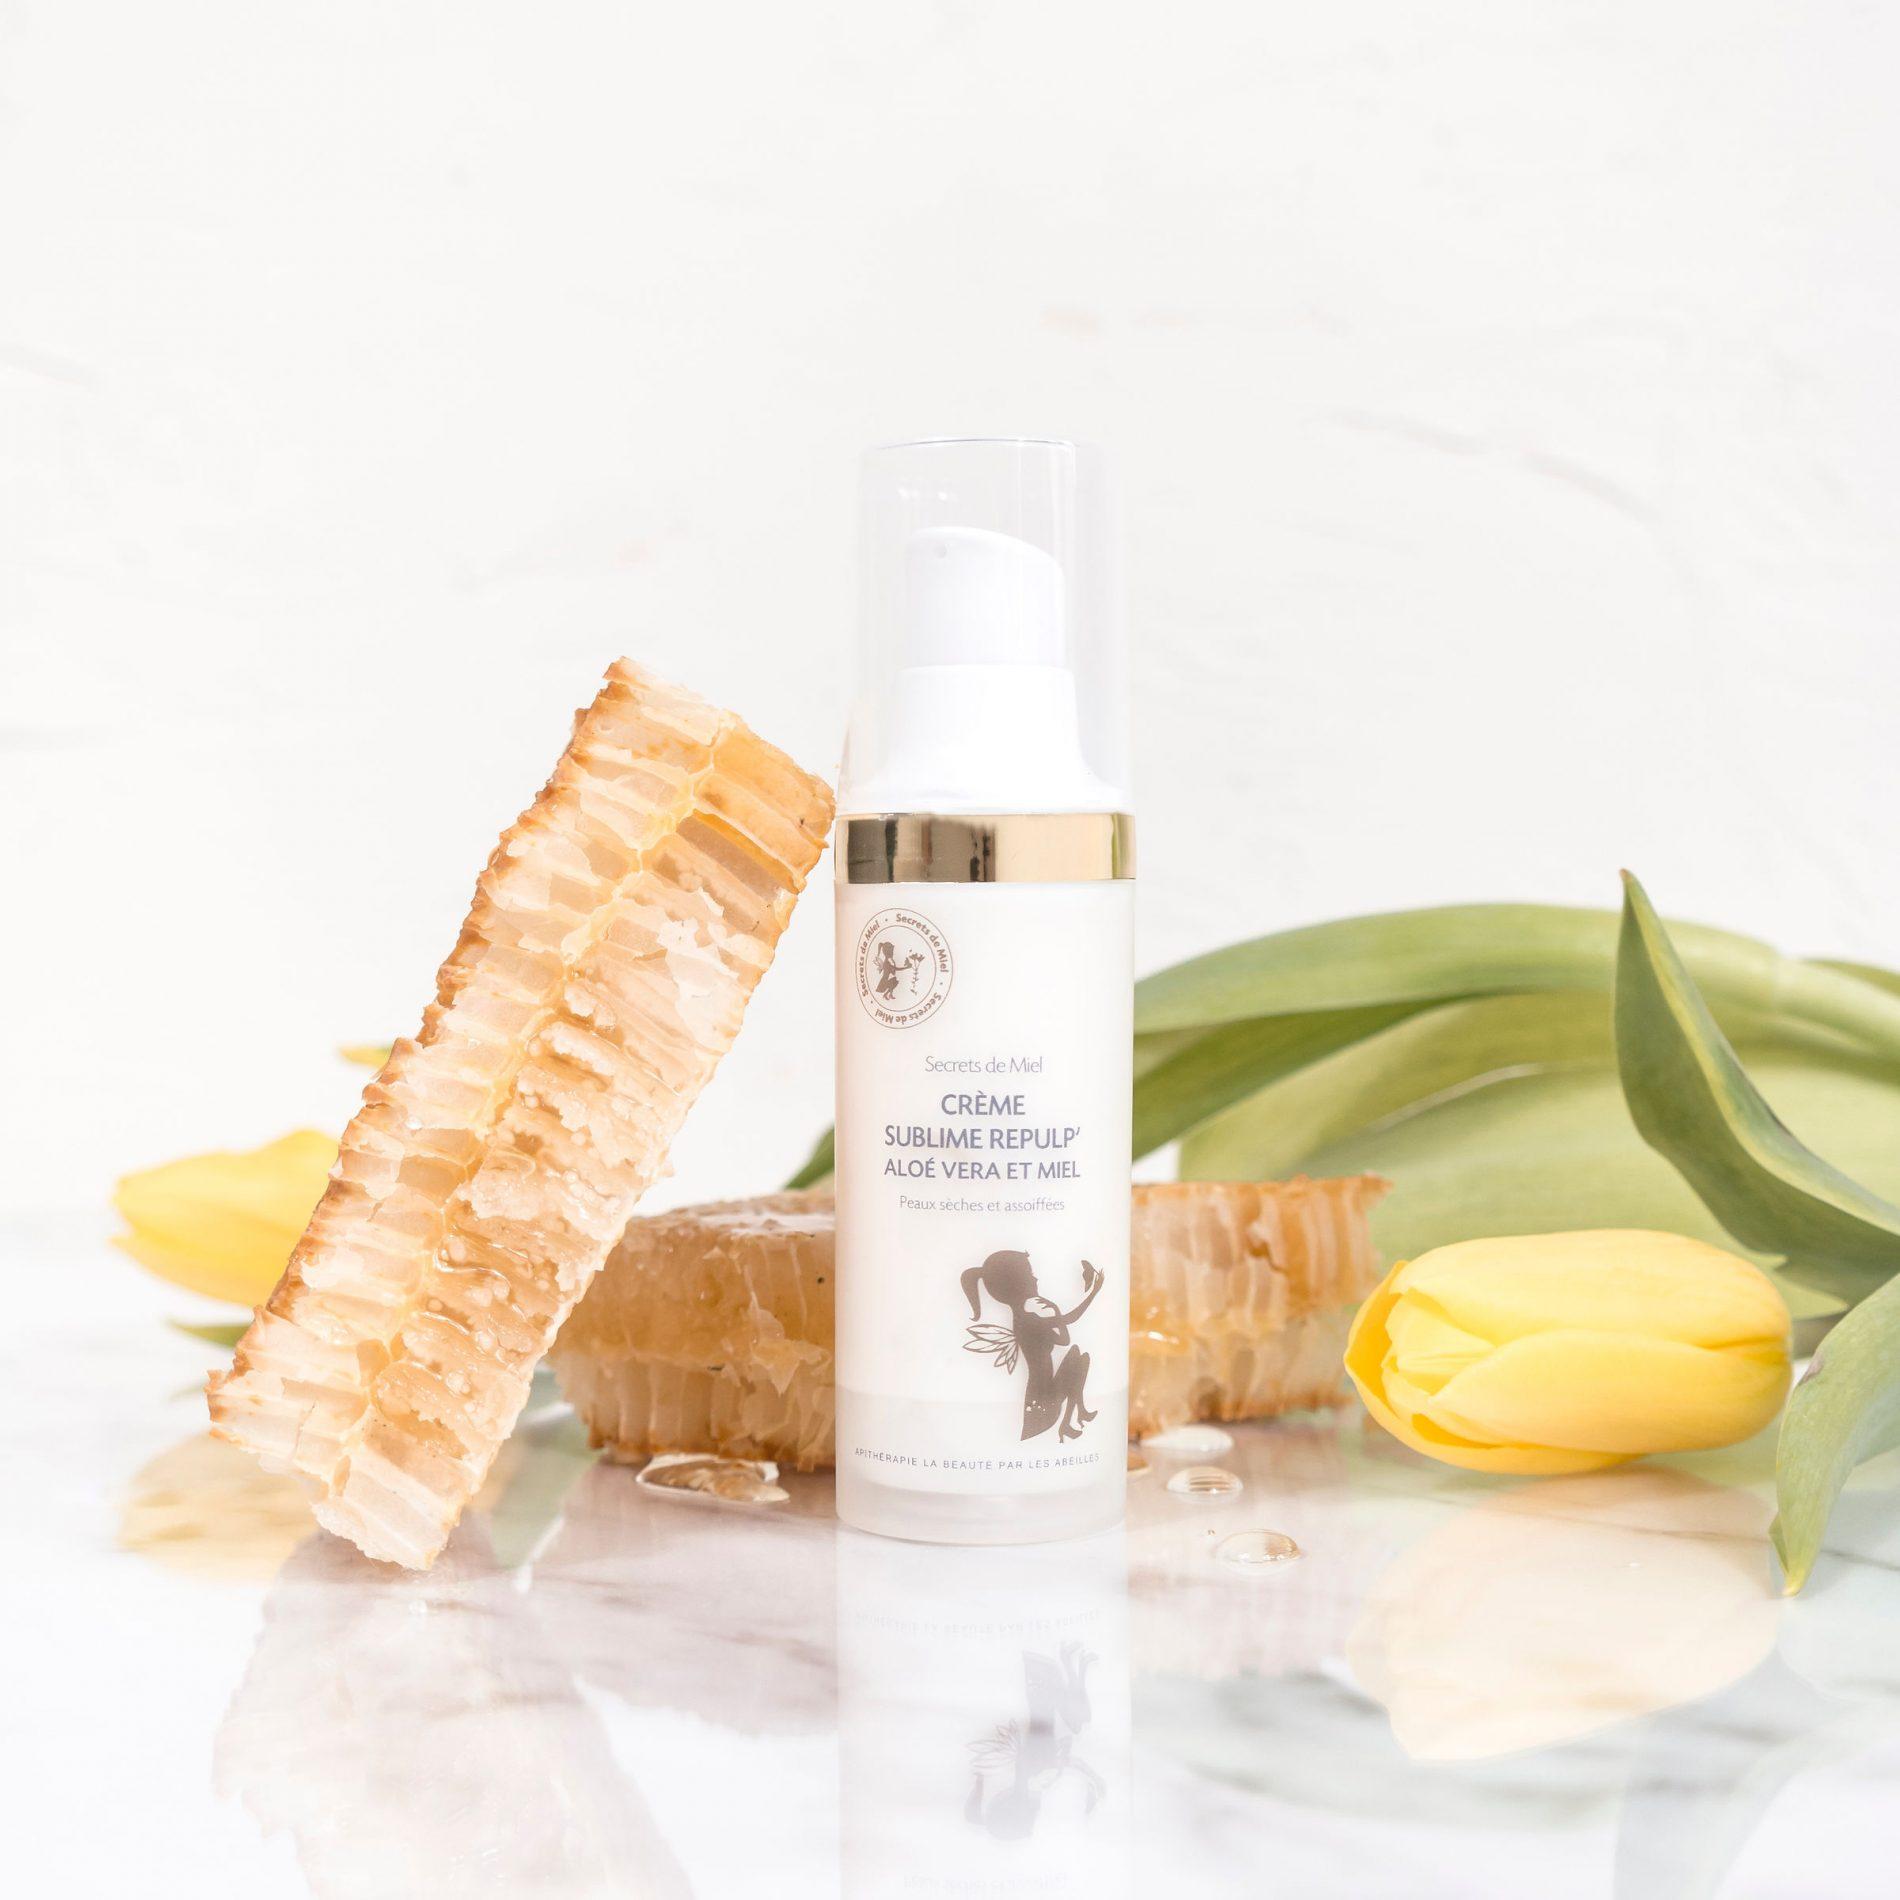 crème hydratante visage - tous types de peaux - Aloé Vera et Miel - Secrets de Miel